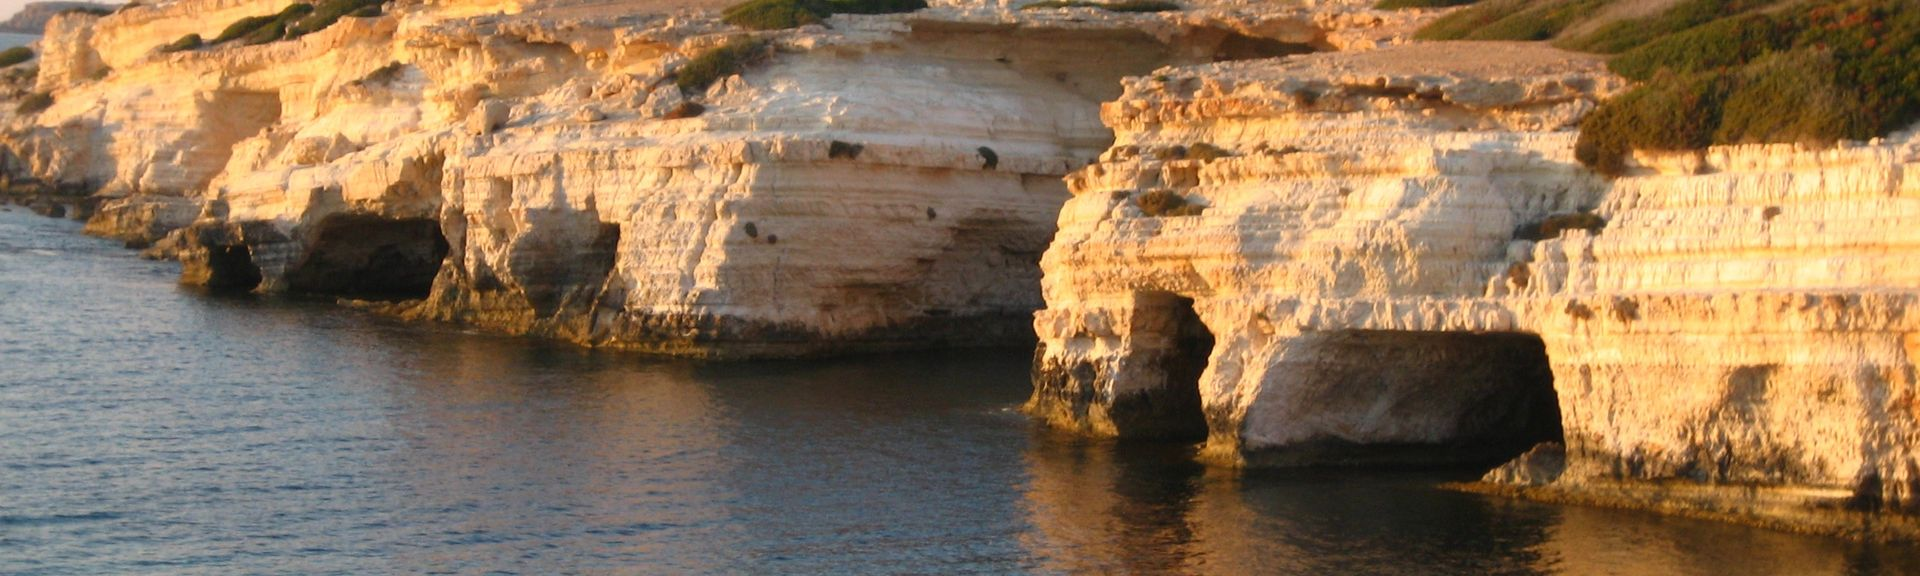 Tombes des rois, Paphos, Paphos, Chypre